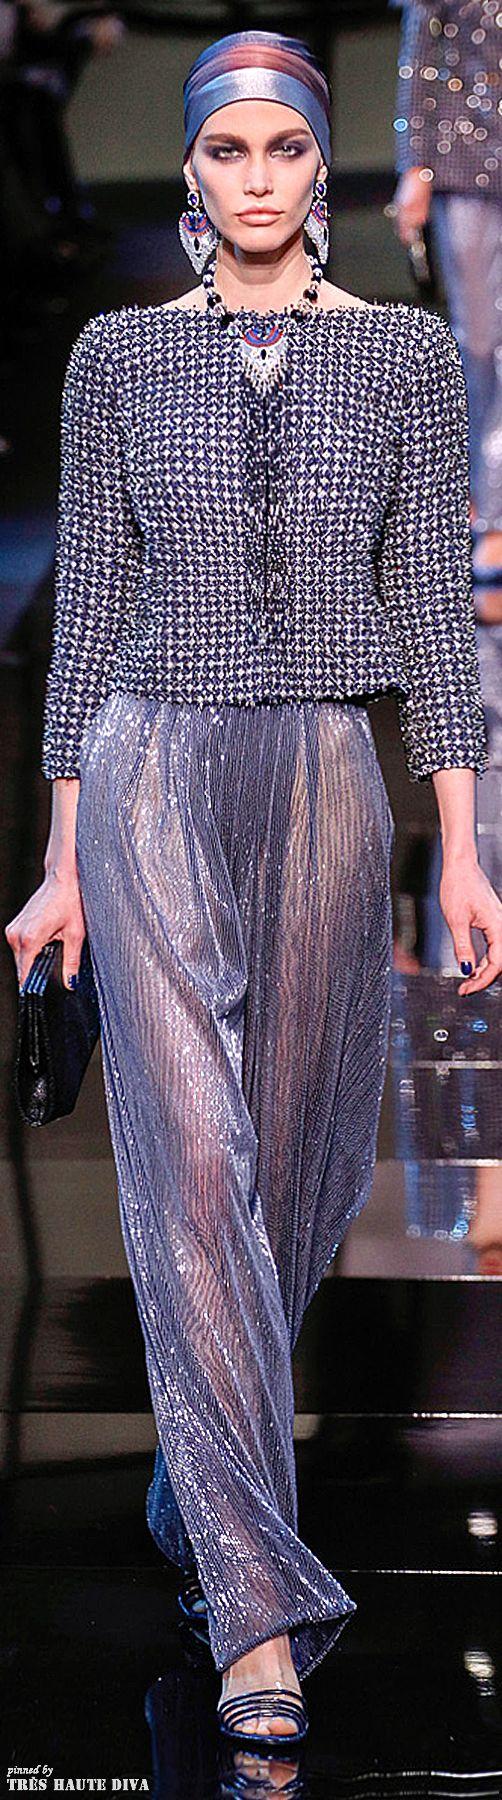 Giorgio Armani Privé Couture Spring 2014   The House of Beccaria